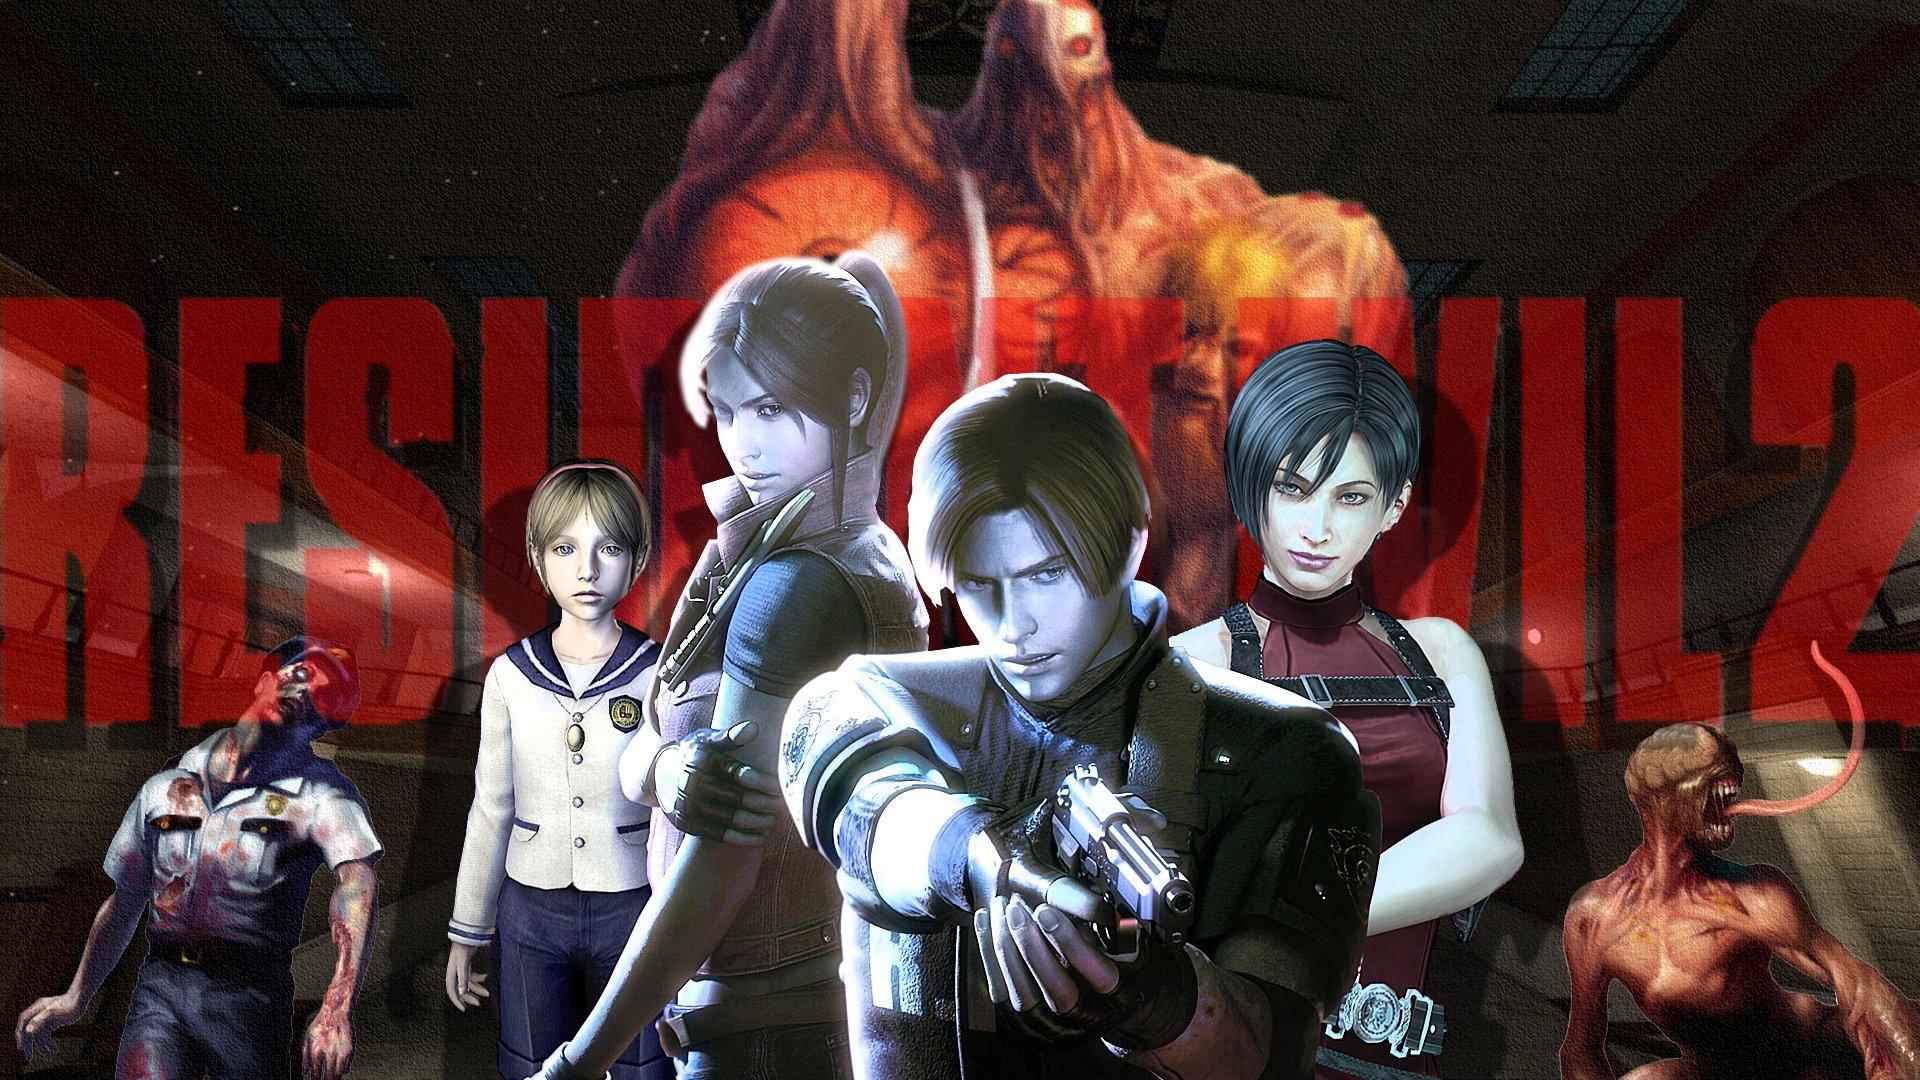 Resident Evil 2 Wallpaper: Resident Evil 2 HD Wallpaper